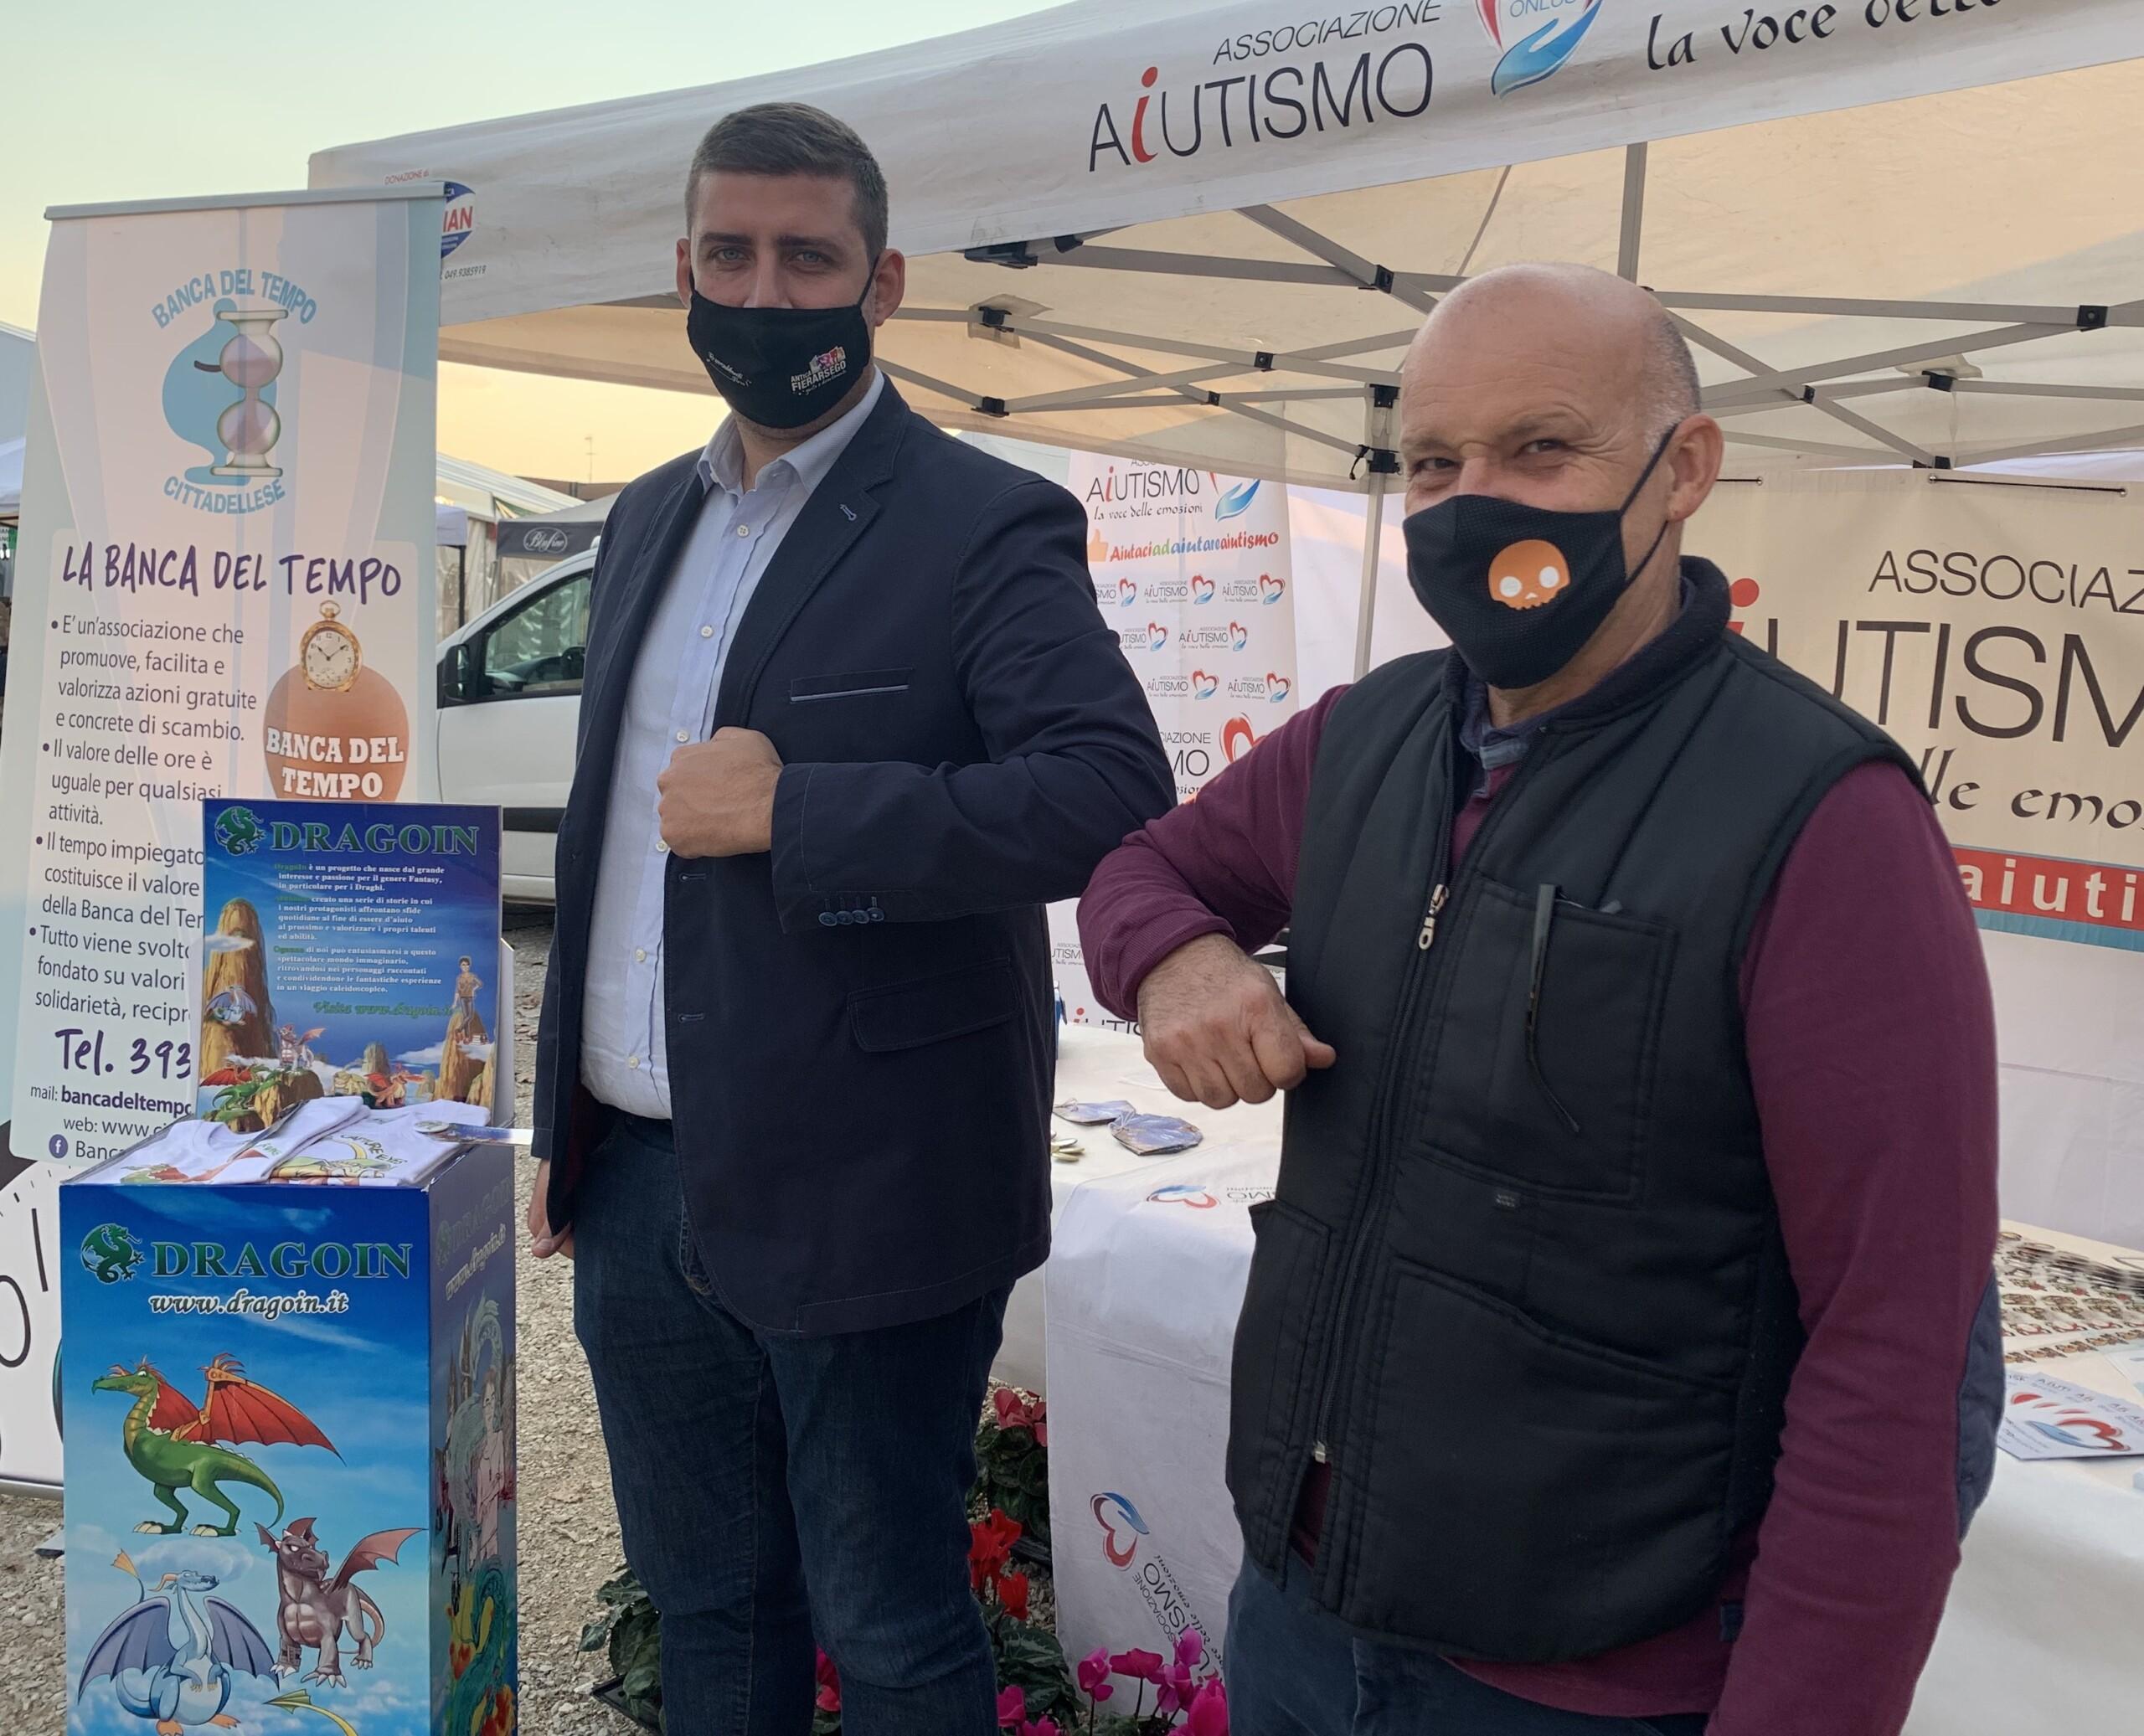 Sindaco Daniele Cannella - Presidente Associazione Aiutismo Piercesare Giaretta